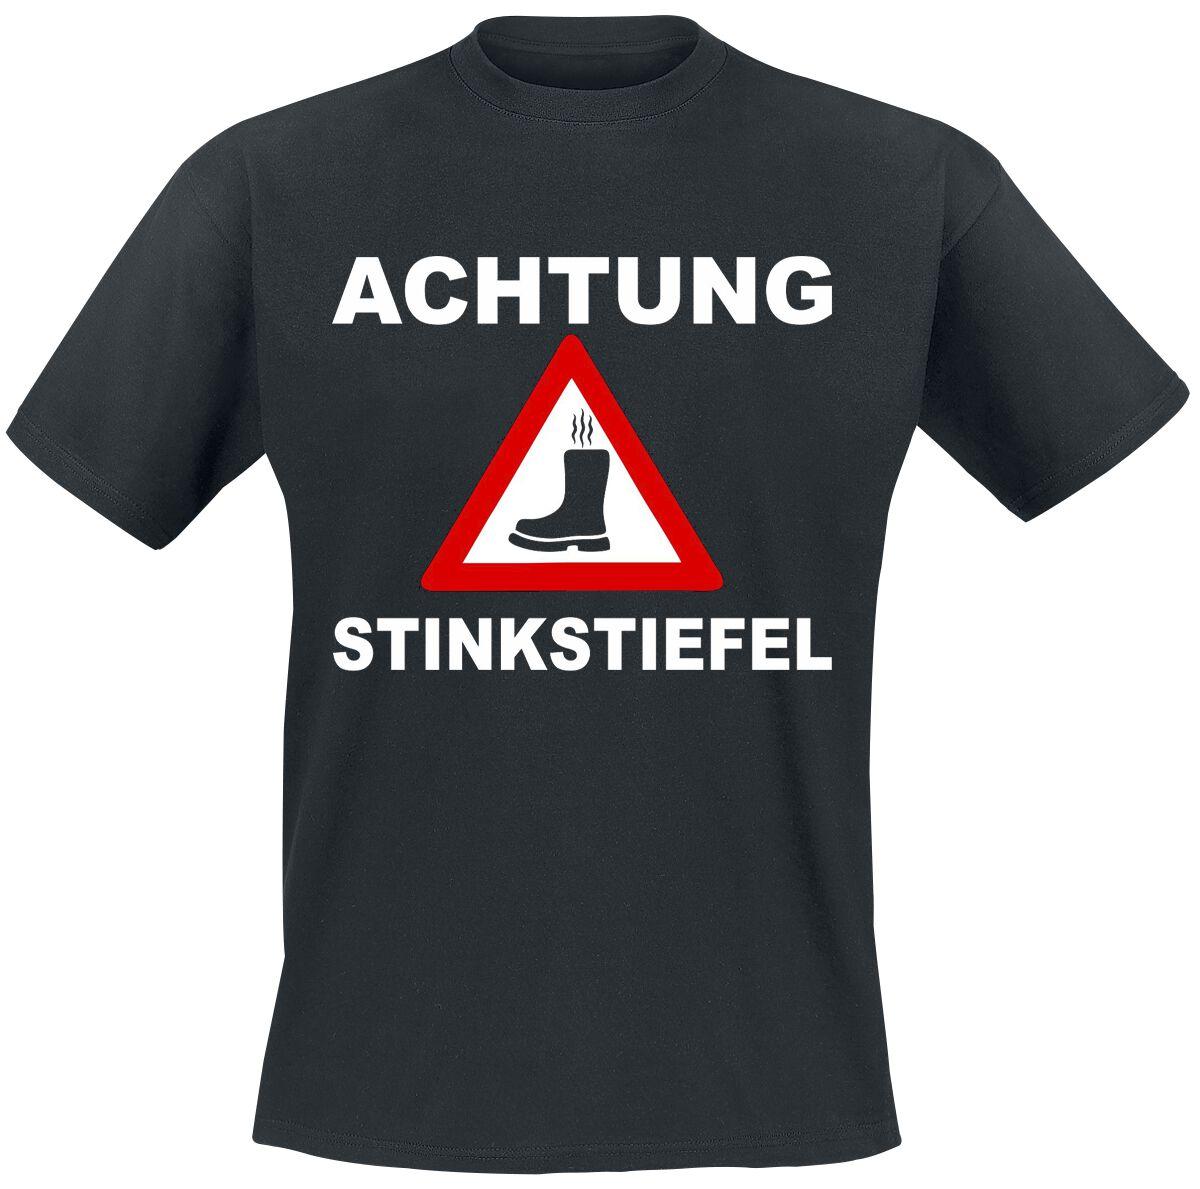 Image of Achtung Stinkstiefel T-Shirt schwarz